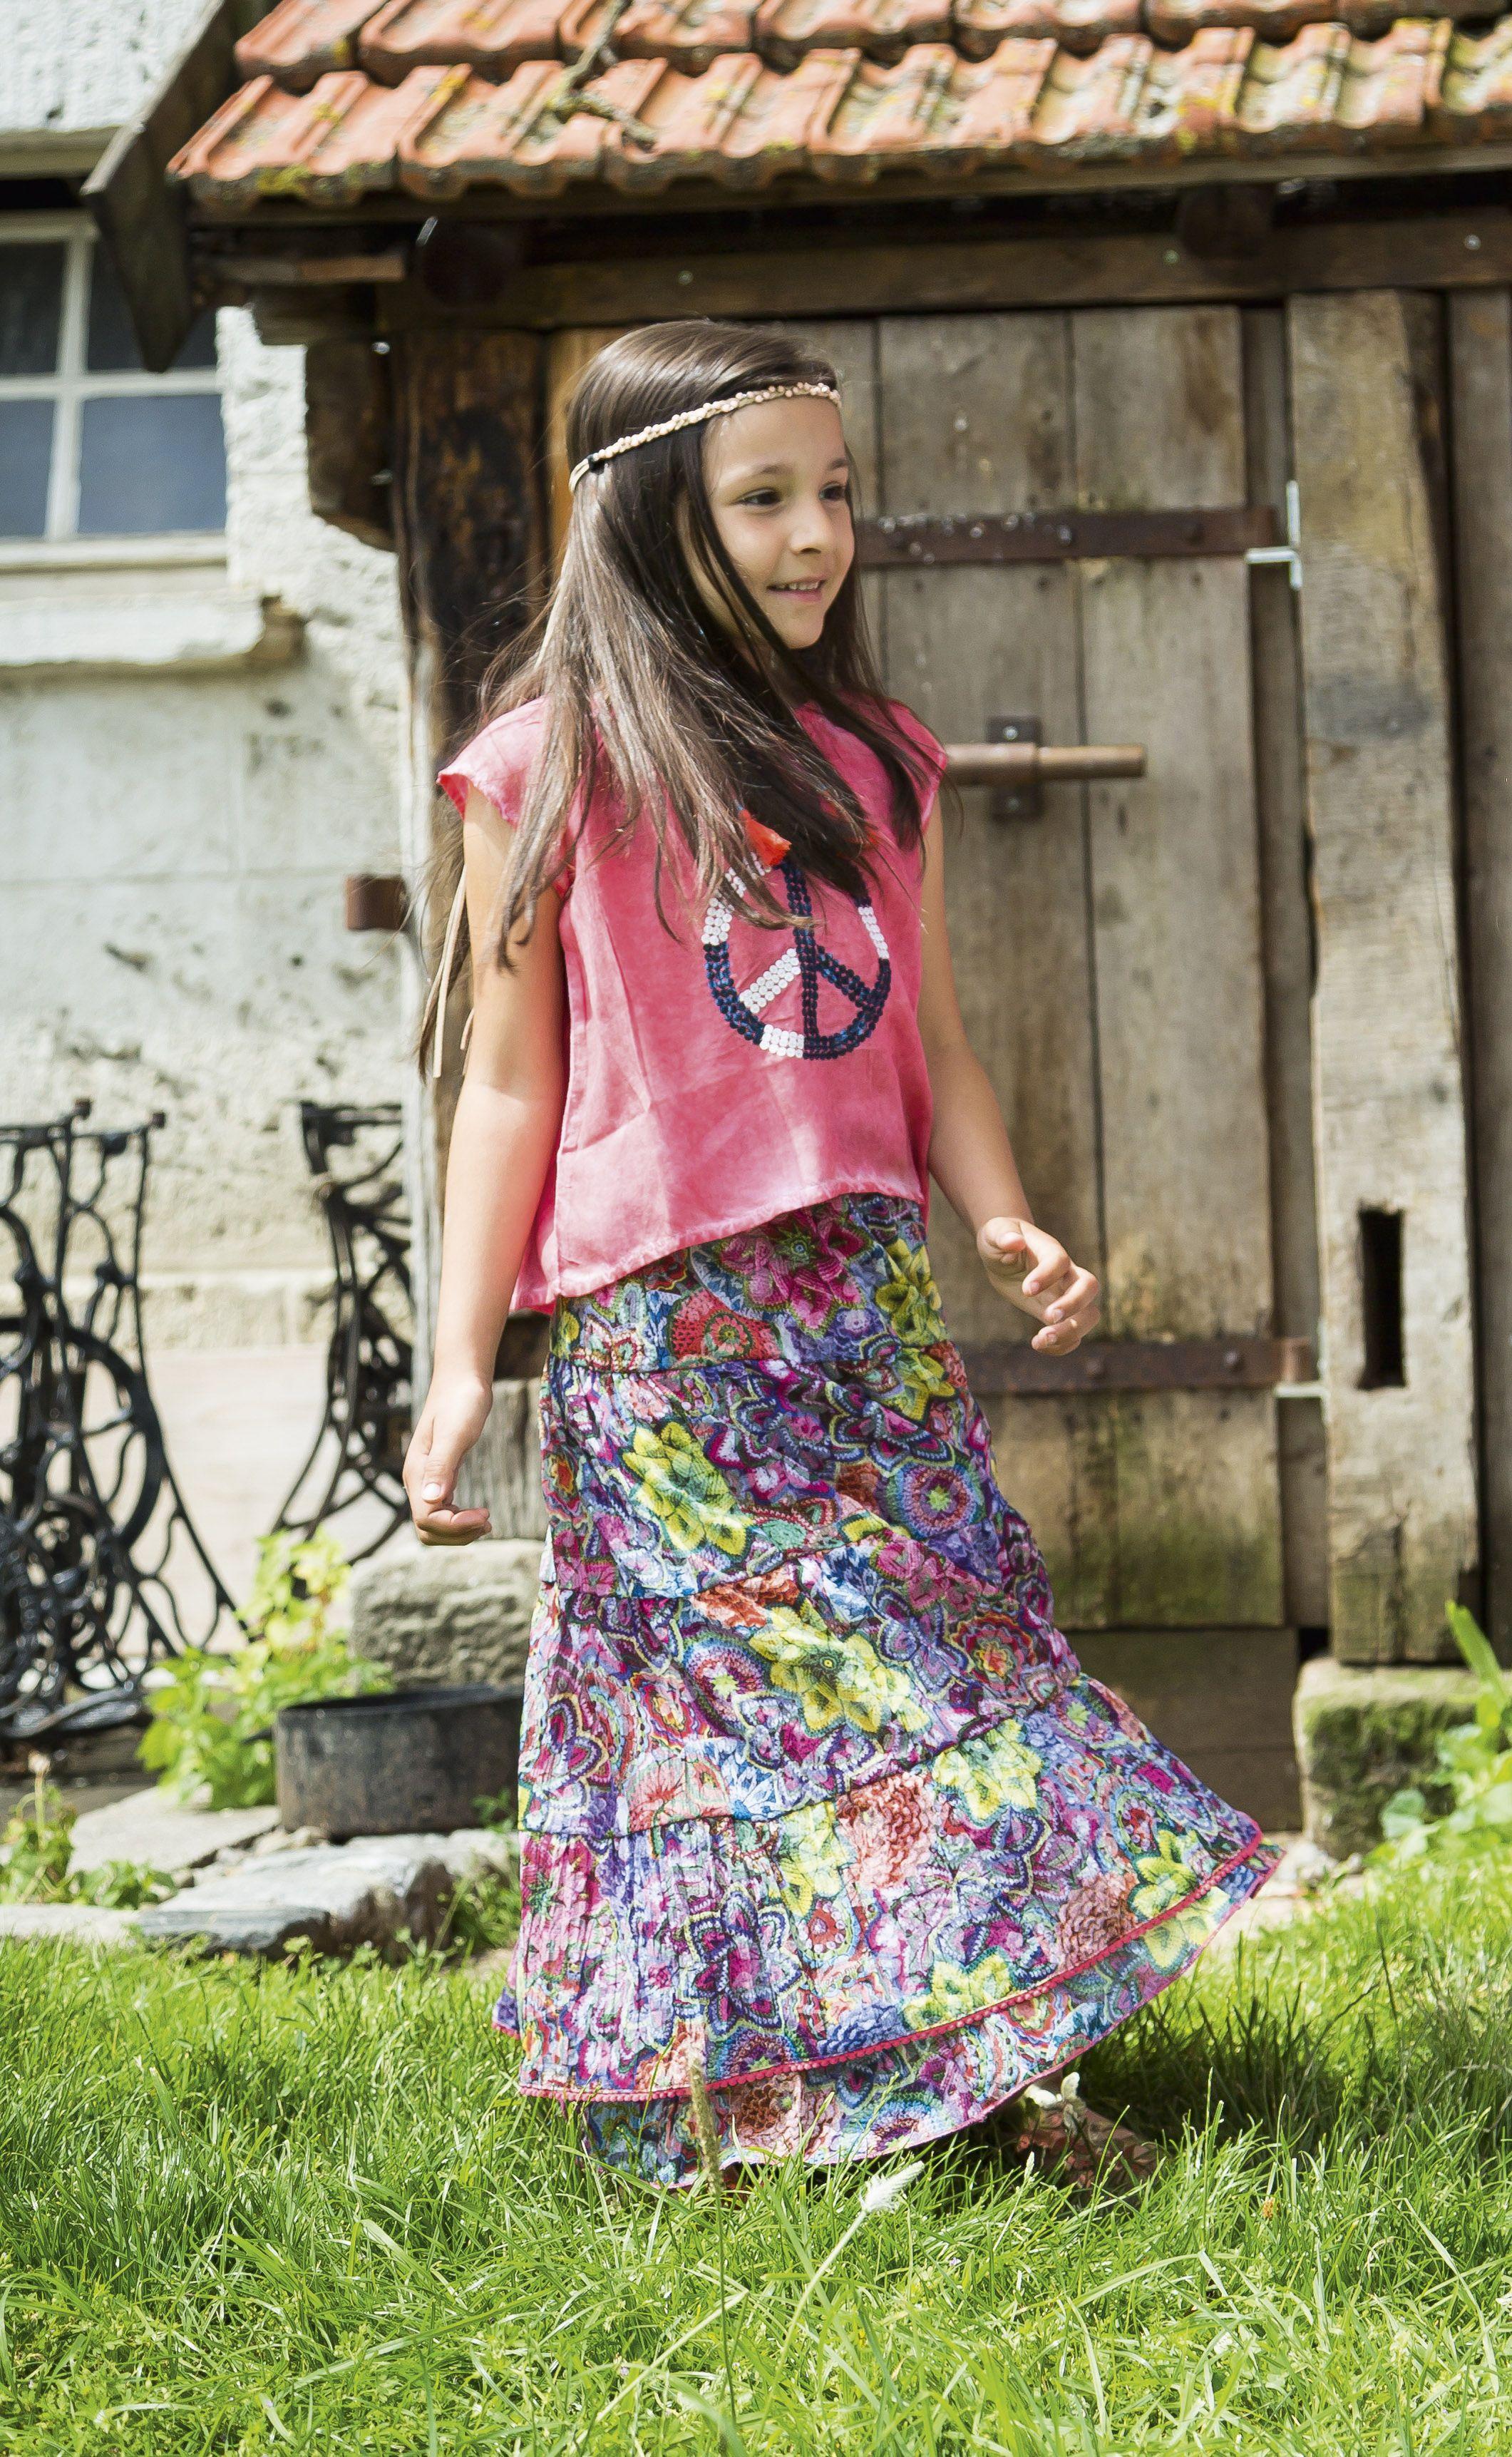 Coole Kindermode von BONDI: schicke Mode für Mädchen für den Sommer ...